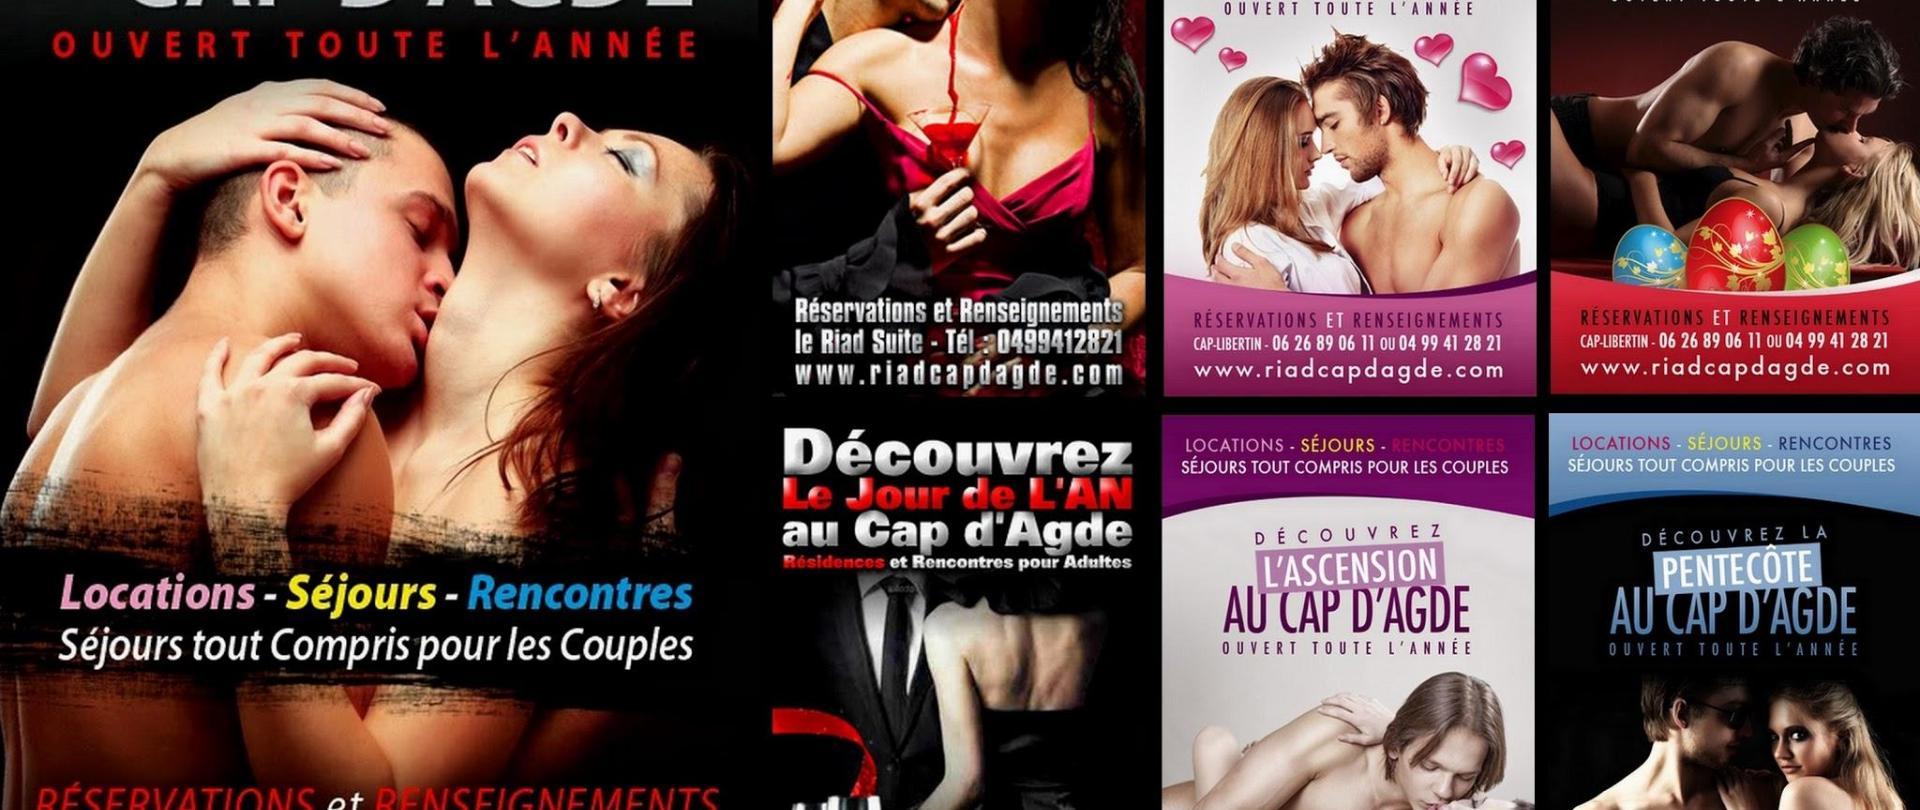 Programme Séjours Couples au Cap d Agde .jpg